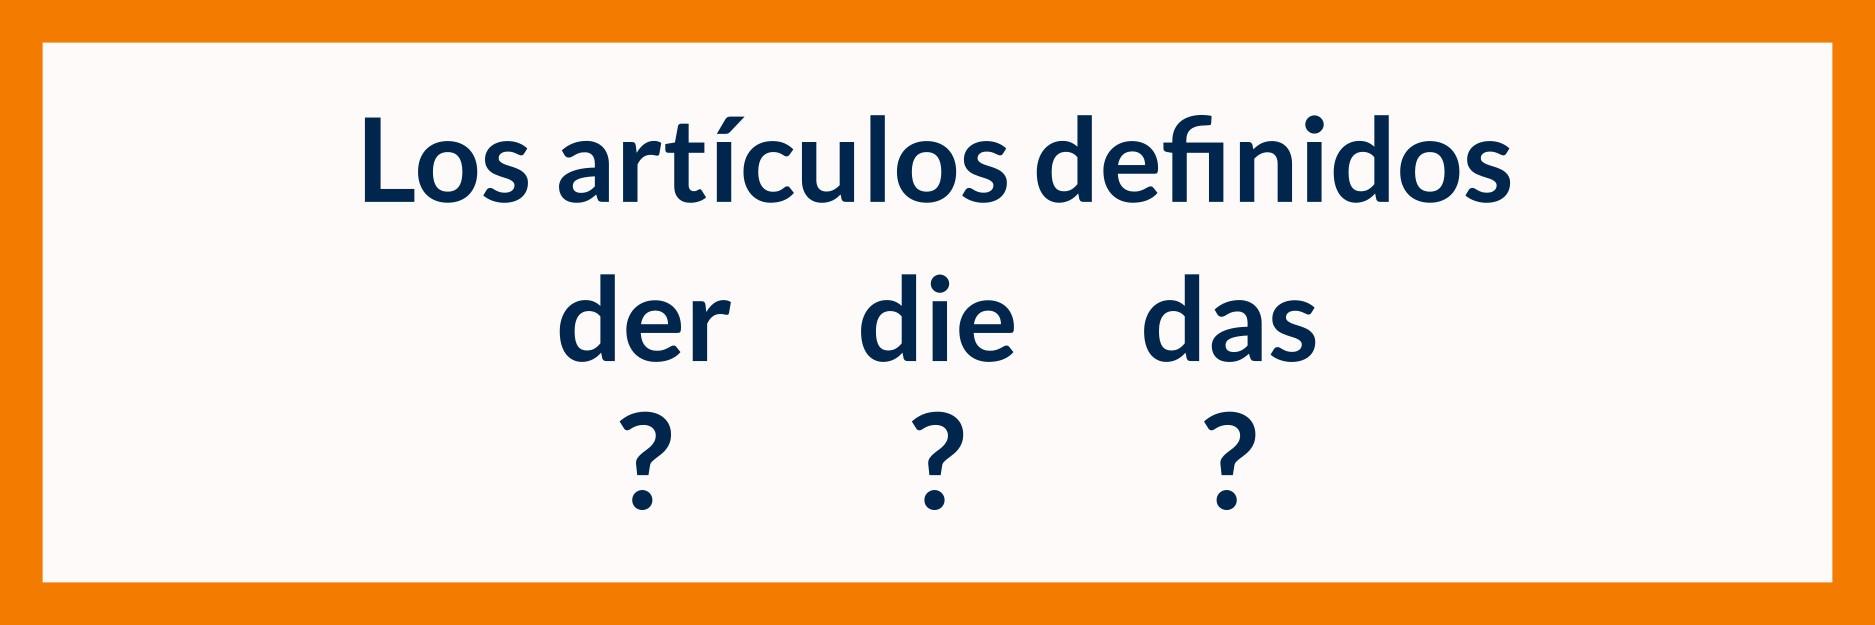 Cómo entender mejor los artículos definidos en alemán der die das